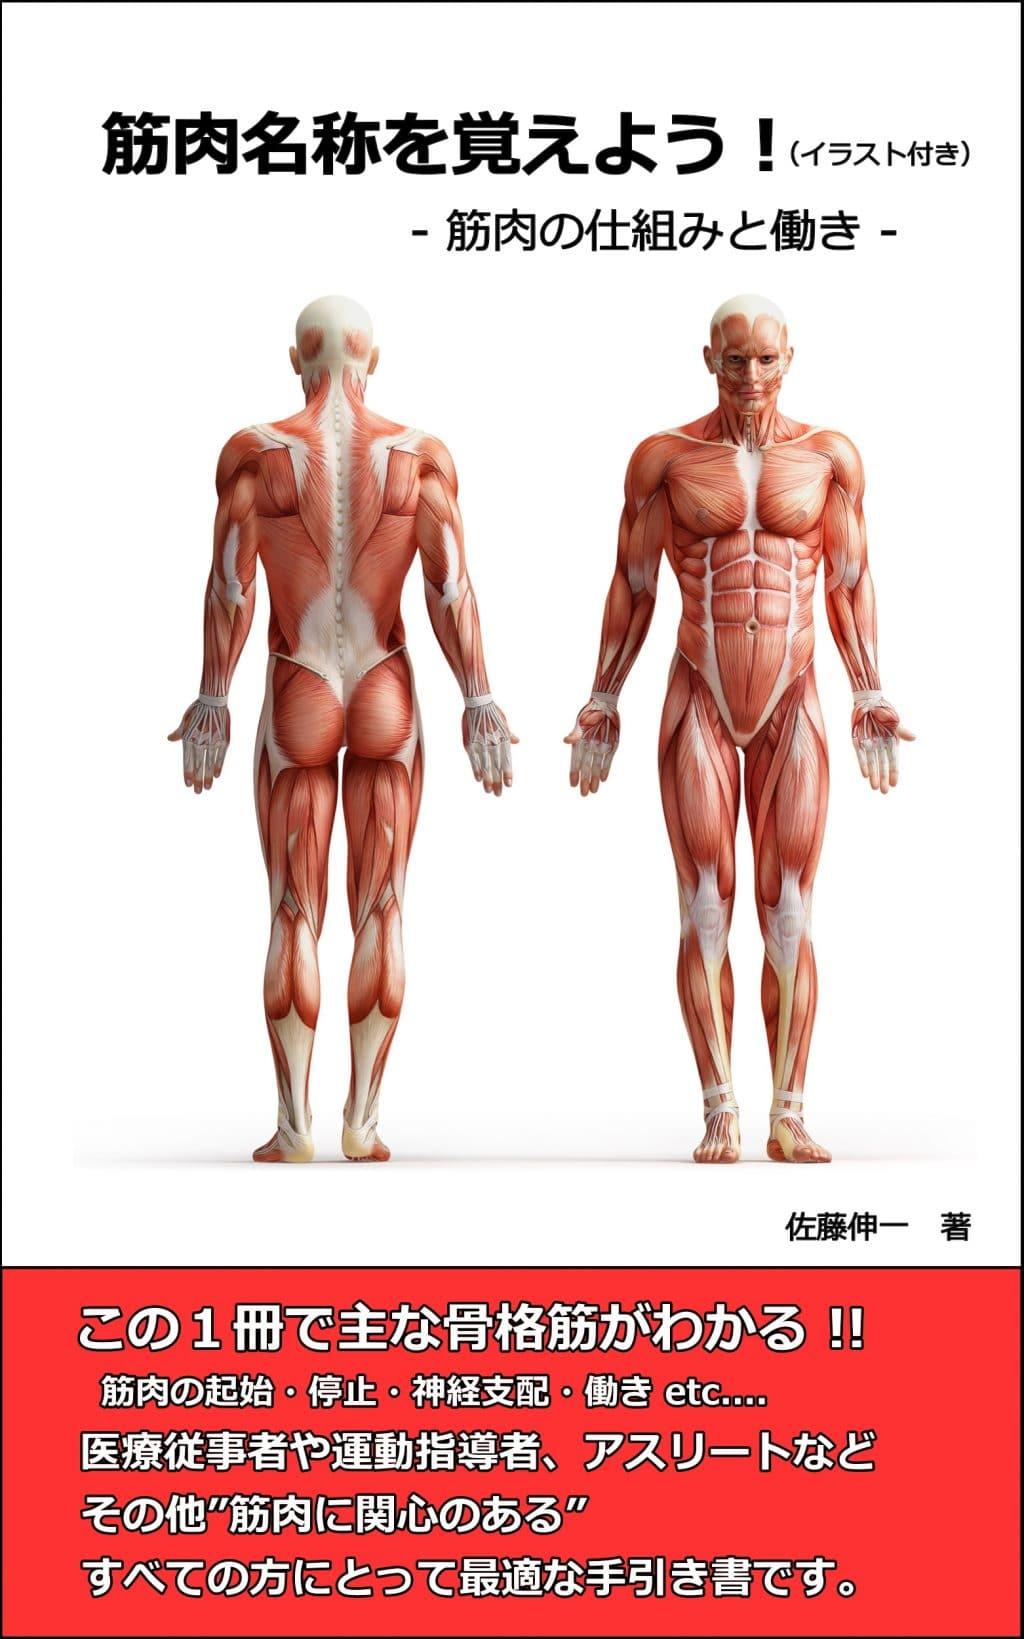 の 筋肉 の 名前 腕